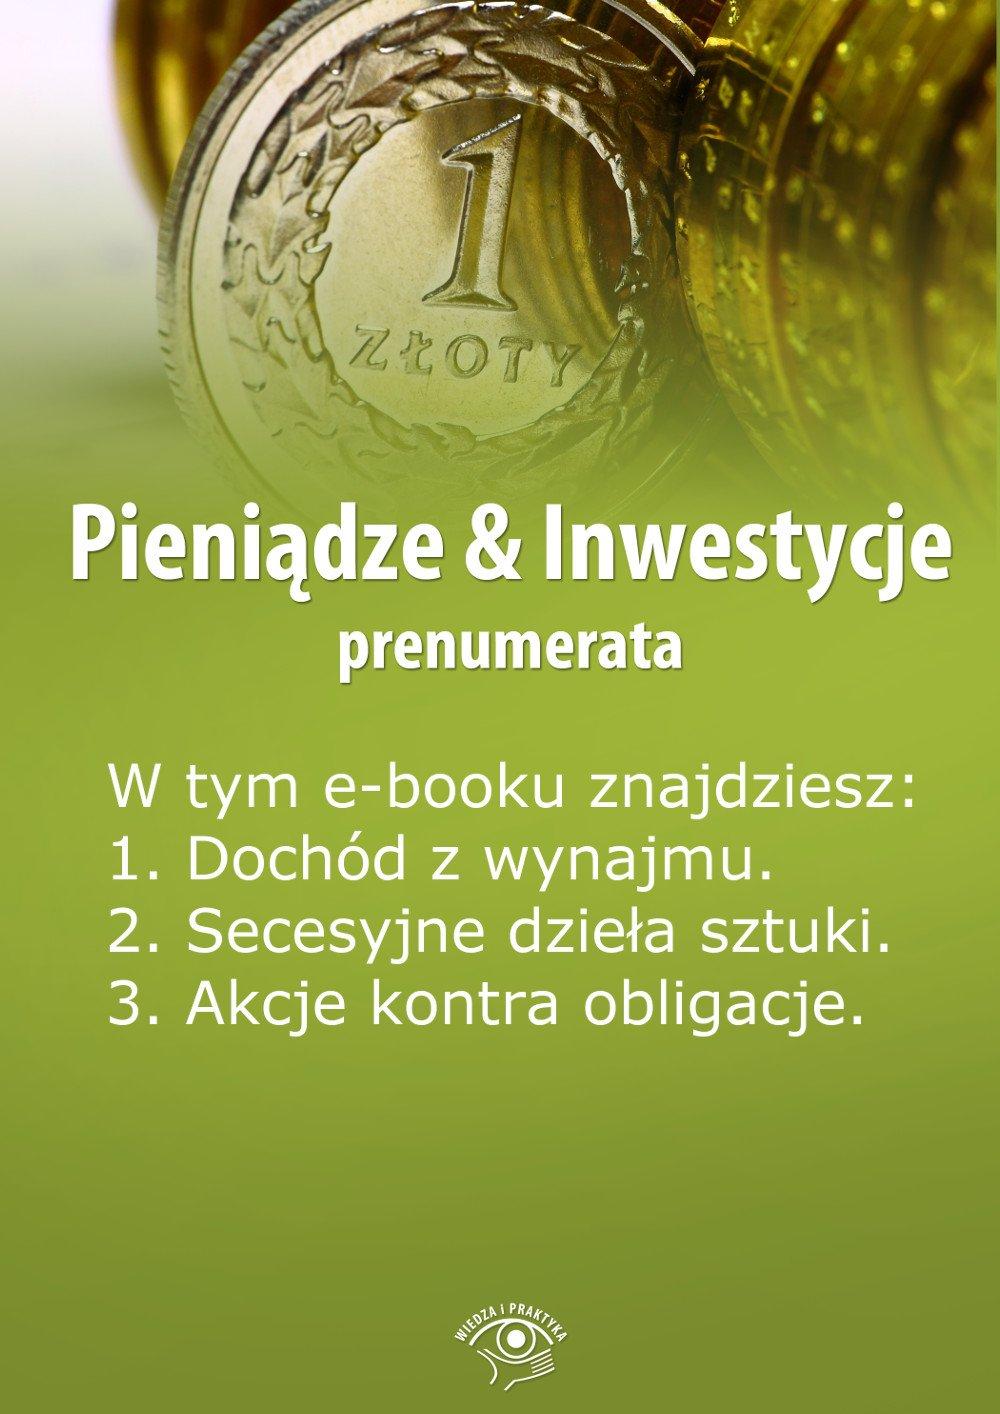 Pieniądze & Inwestycje. Wydanie maj-czerwiec 2014 r. - Ebook (Książka EPUB) do pobrania w formacie EPUB